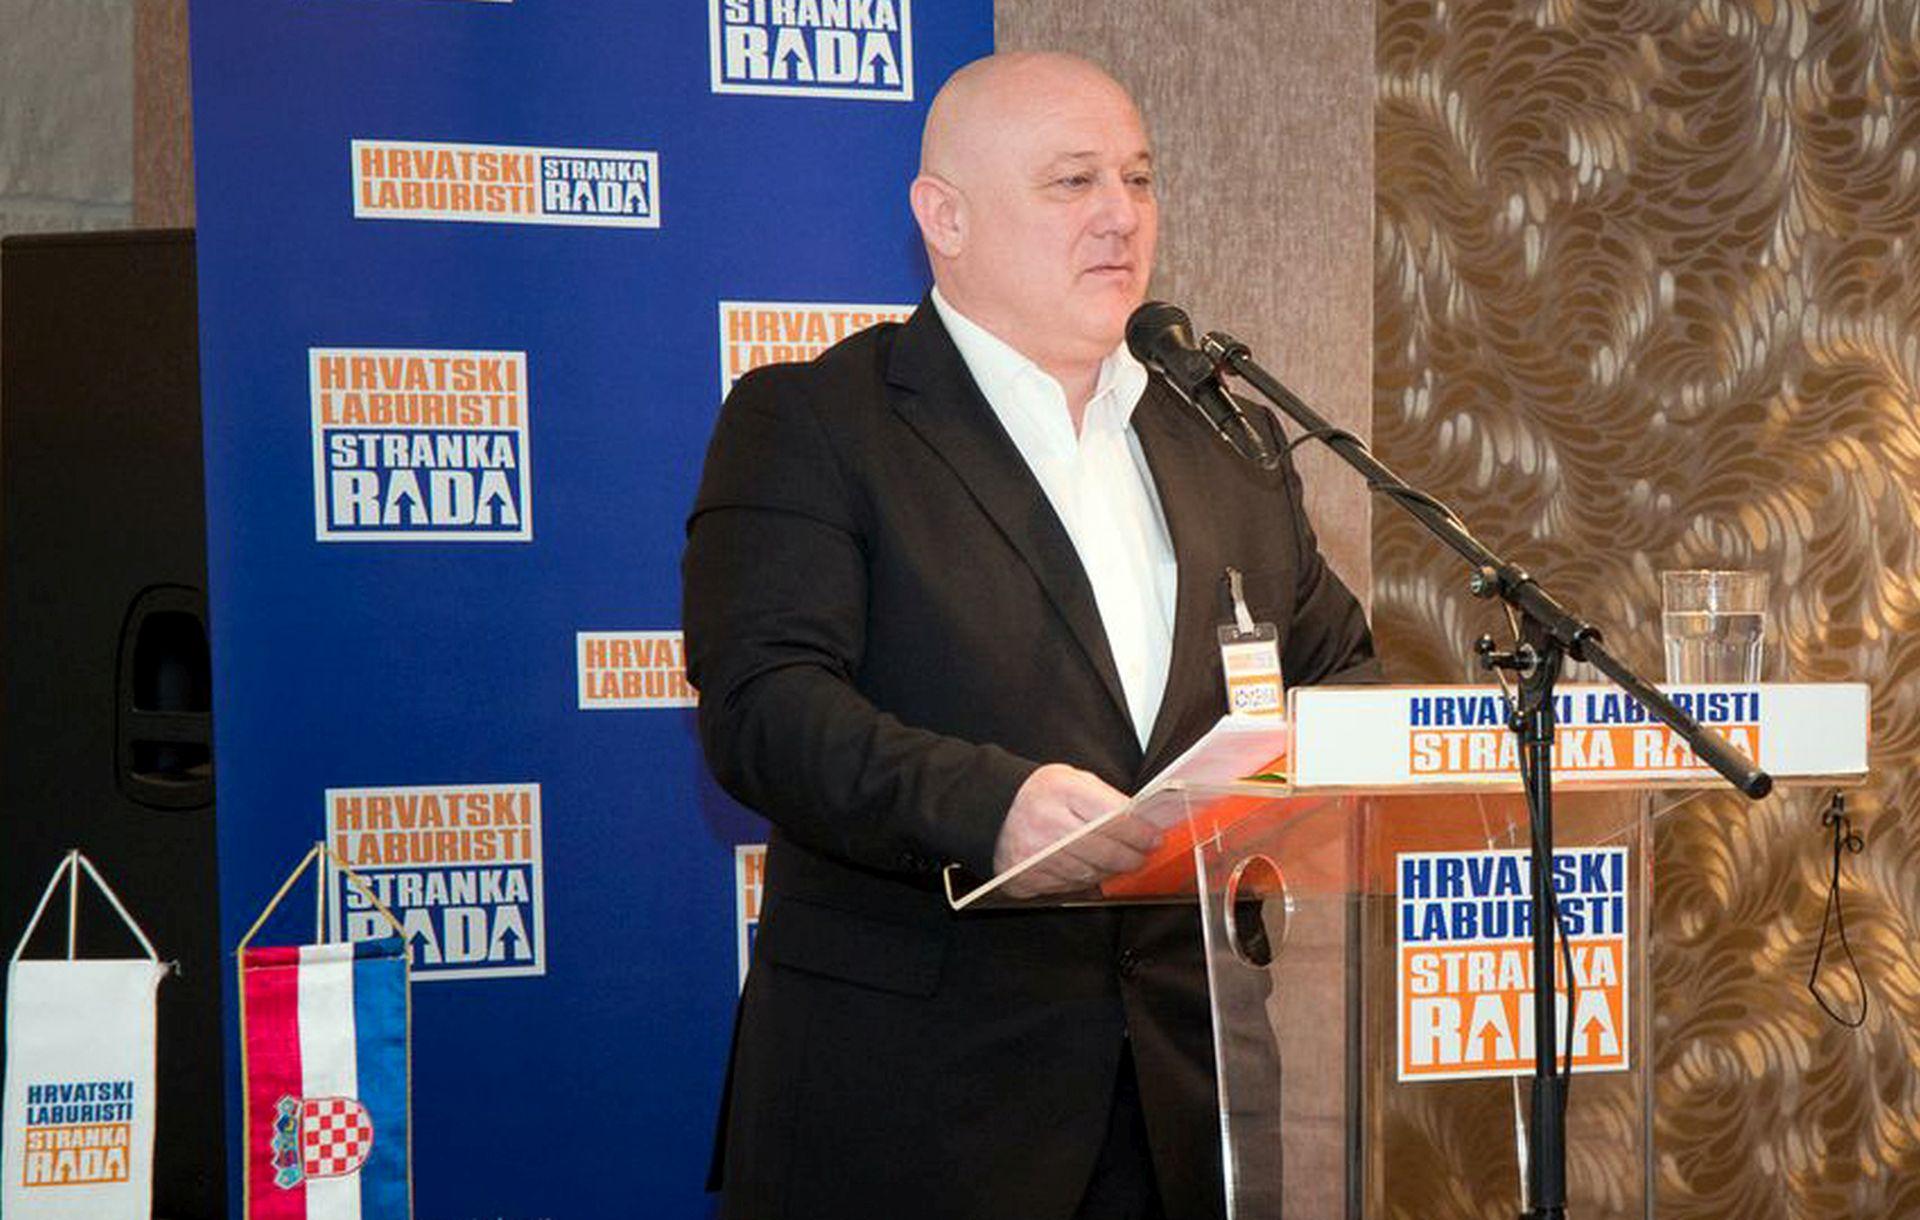 HRVATSKI LABURISTI: 'Svojim odlukama Vlada je pokazala da ne poštuje nego obezvređuje rad i radnike'